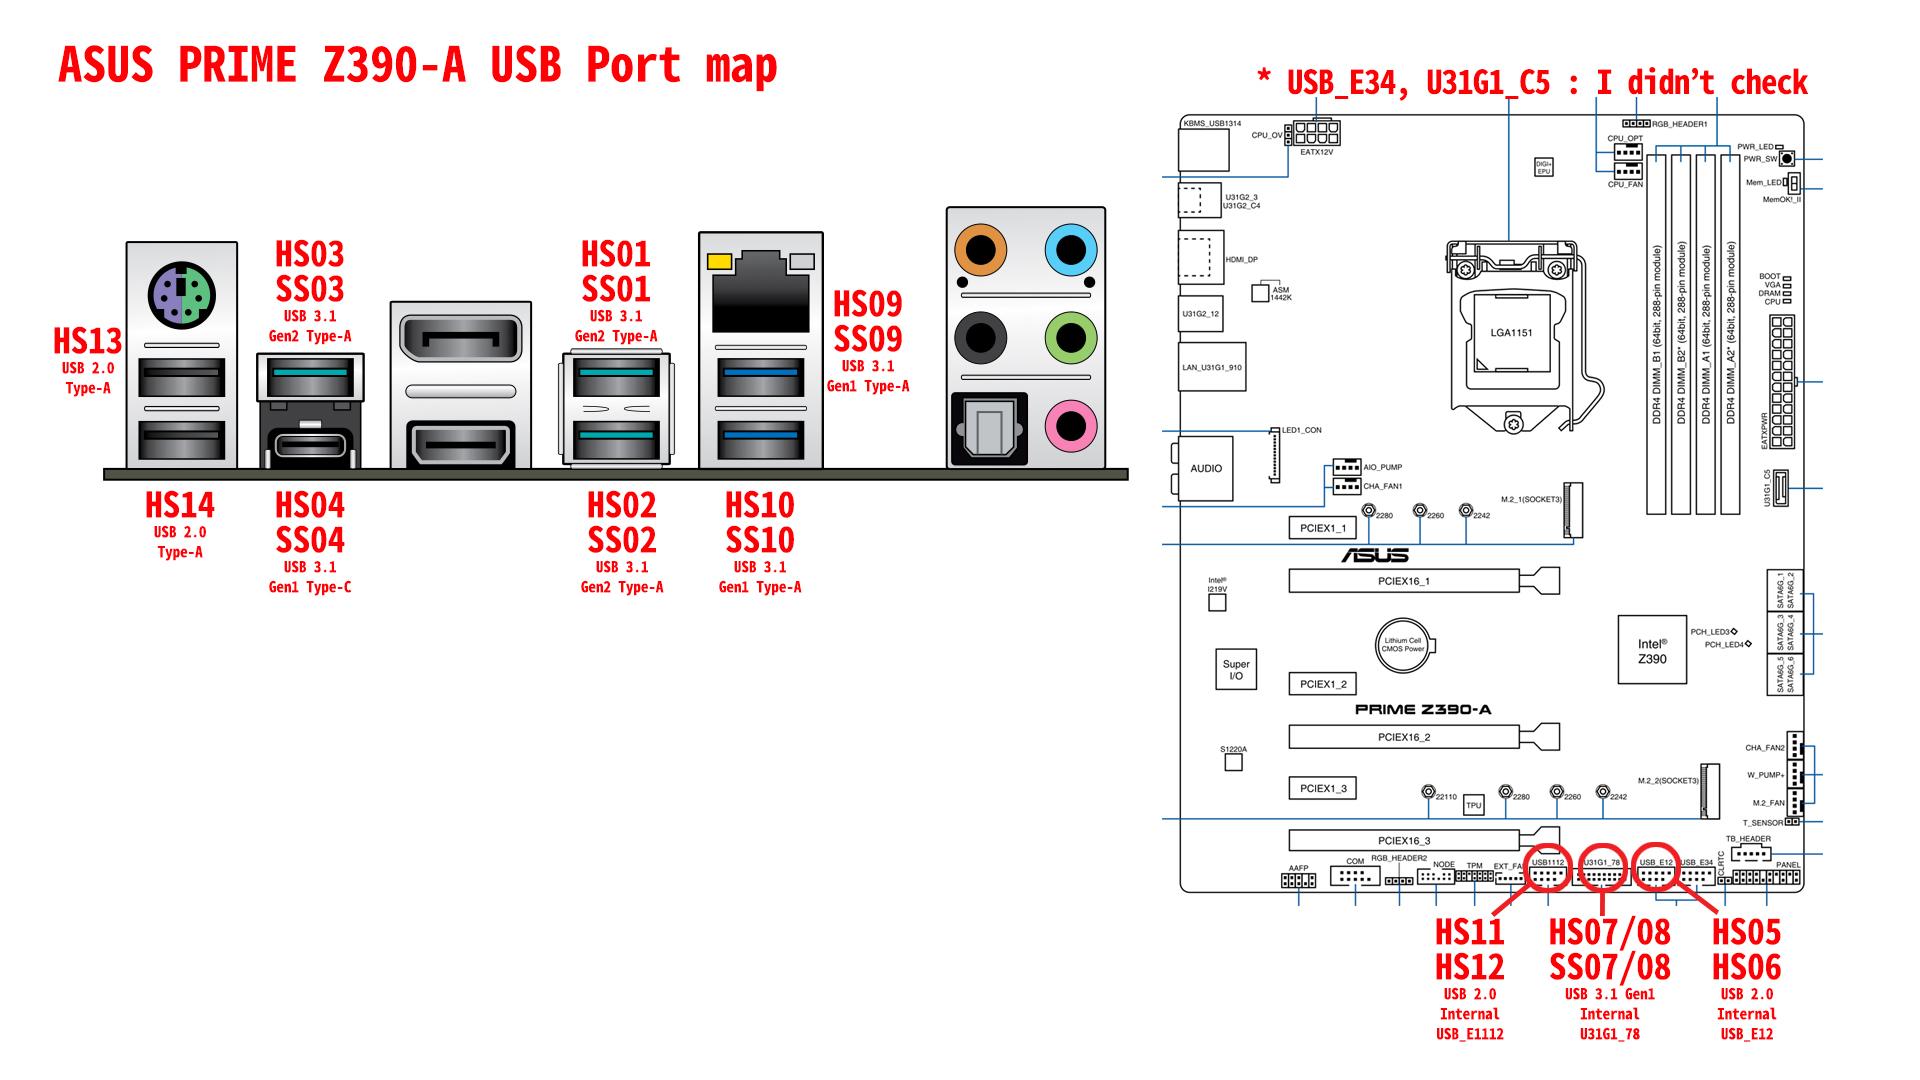 Asus-PRIME-Z390 i7-8700 RX 580